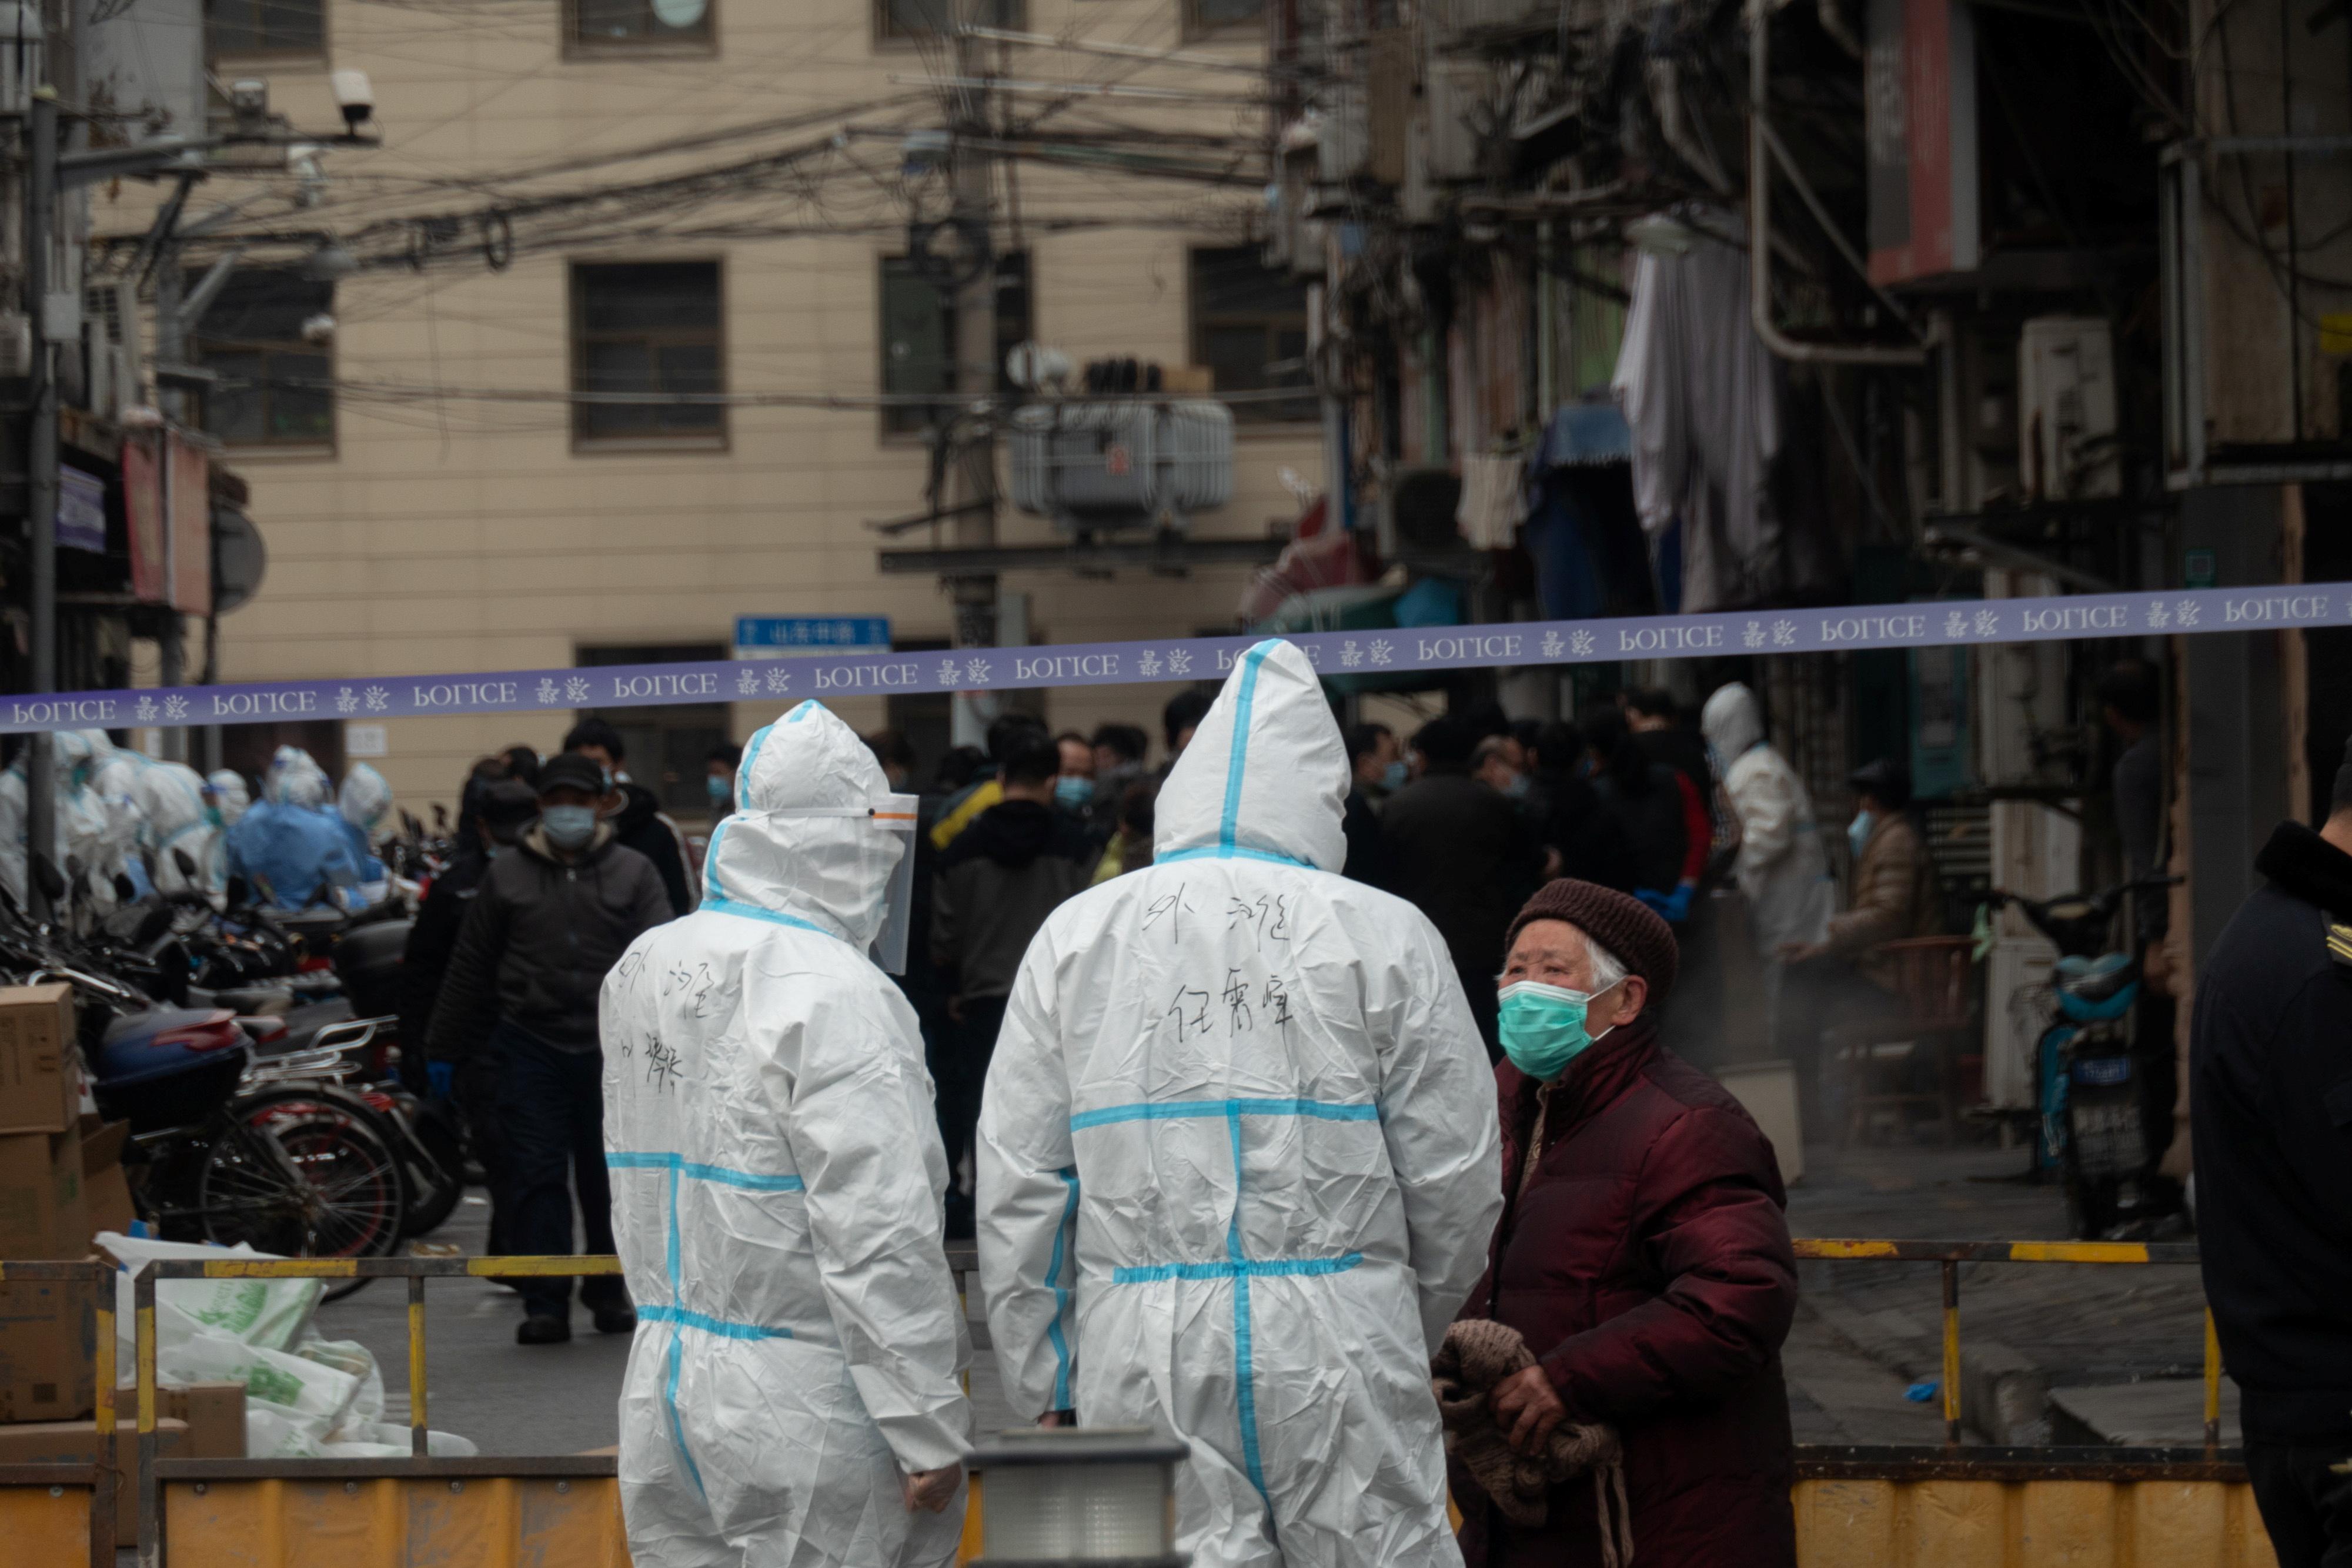 上海周四新增3例武汉肺炎确诊病例,一处居民区列为中风险地区,且居民将集中至宾馆隔离。-路透社-